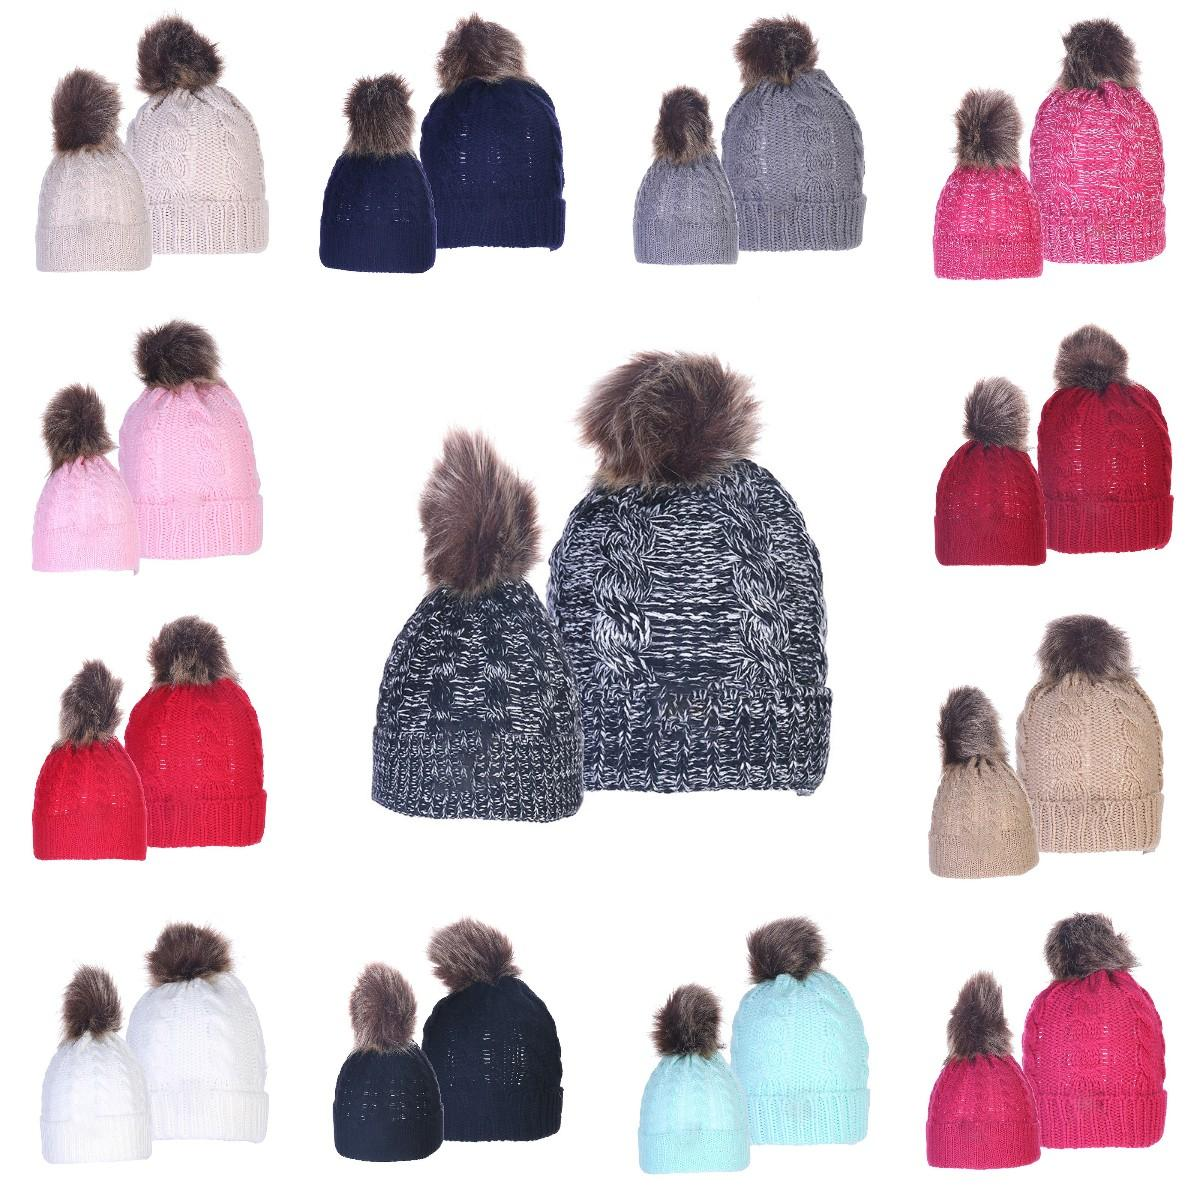 Padre-hijo Pom Pom Beanie 13 colores mamá de los niños casquillo hecho punto invierno de las mujeres niño caliente Pompom sombreros de Skullies Beanie sombrero 2pcs / OOA7503-3 conjunto